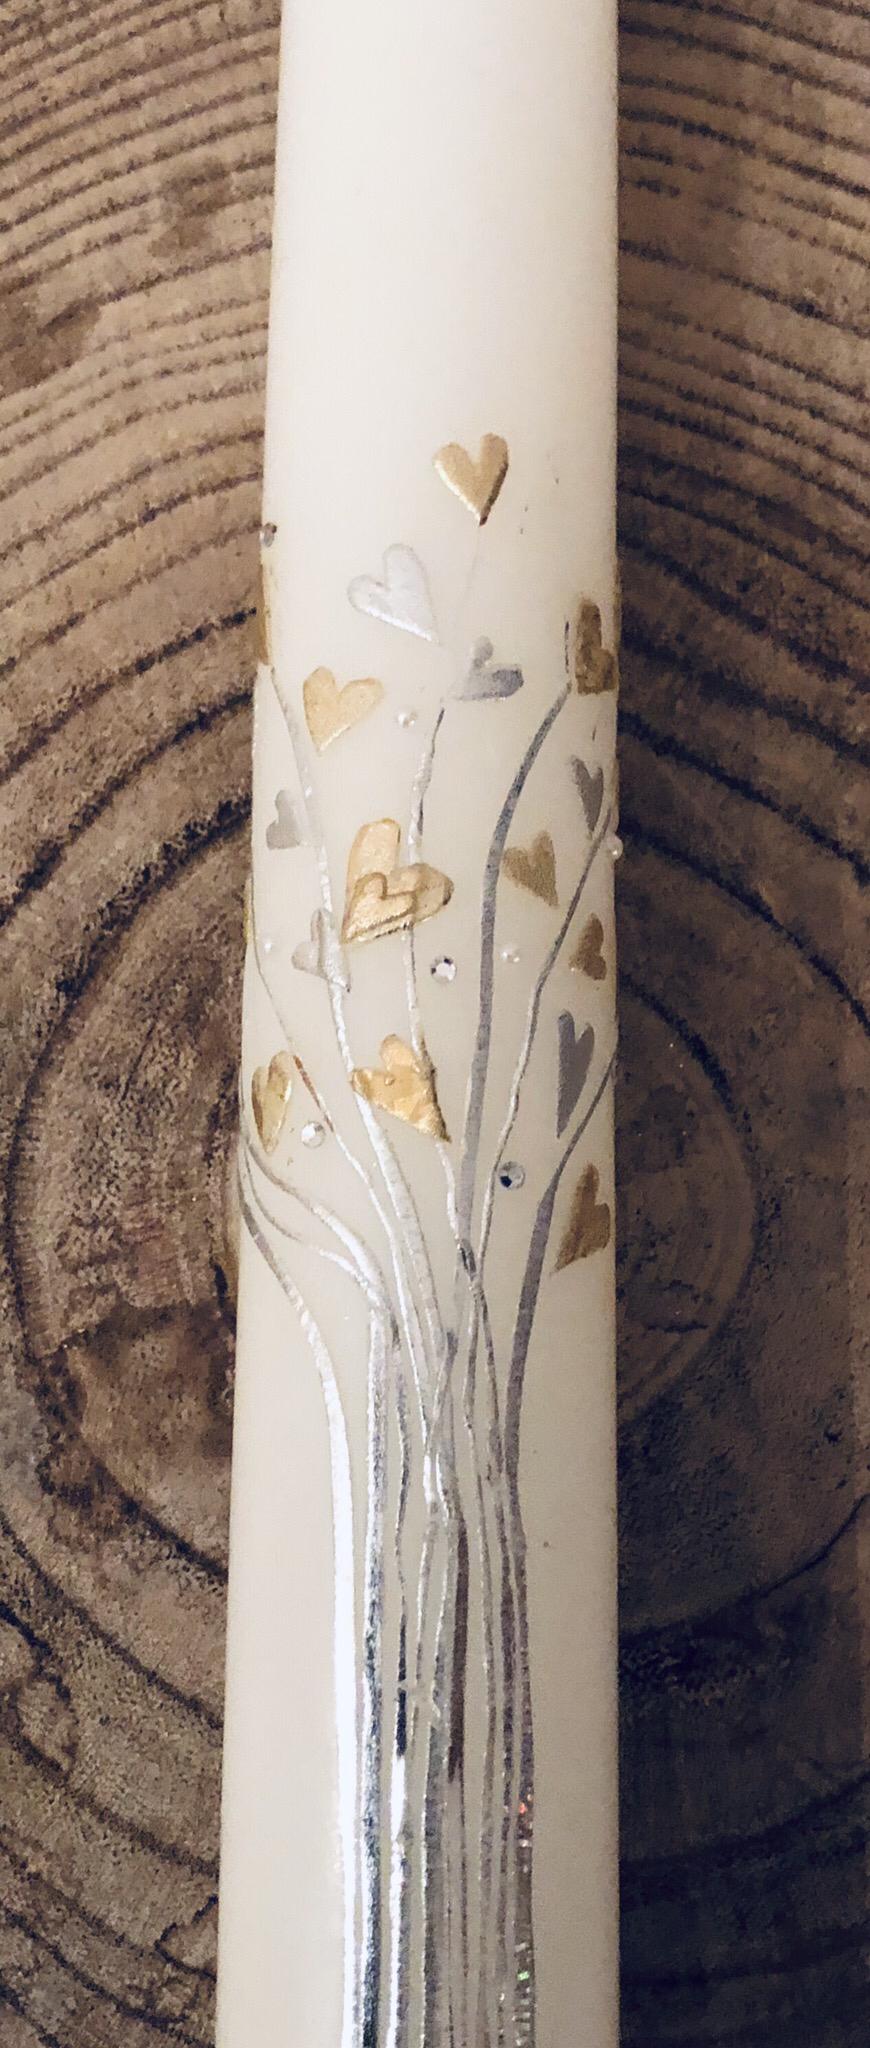 Kerze Taufe, weiß getaucht,  Lebensbaum silber/gold, Wachs und Blattmetall, Perlen und Swarovskikristalle - gravierfähig